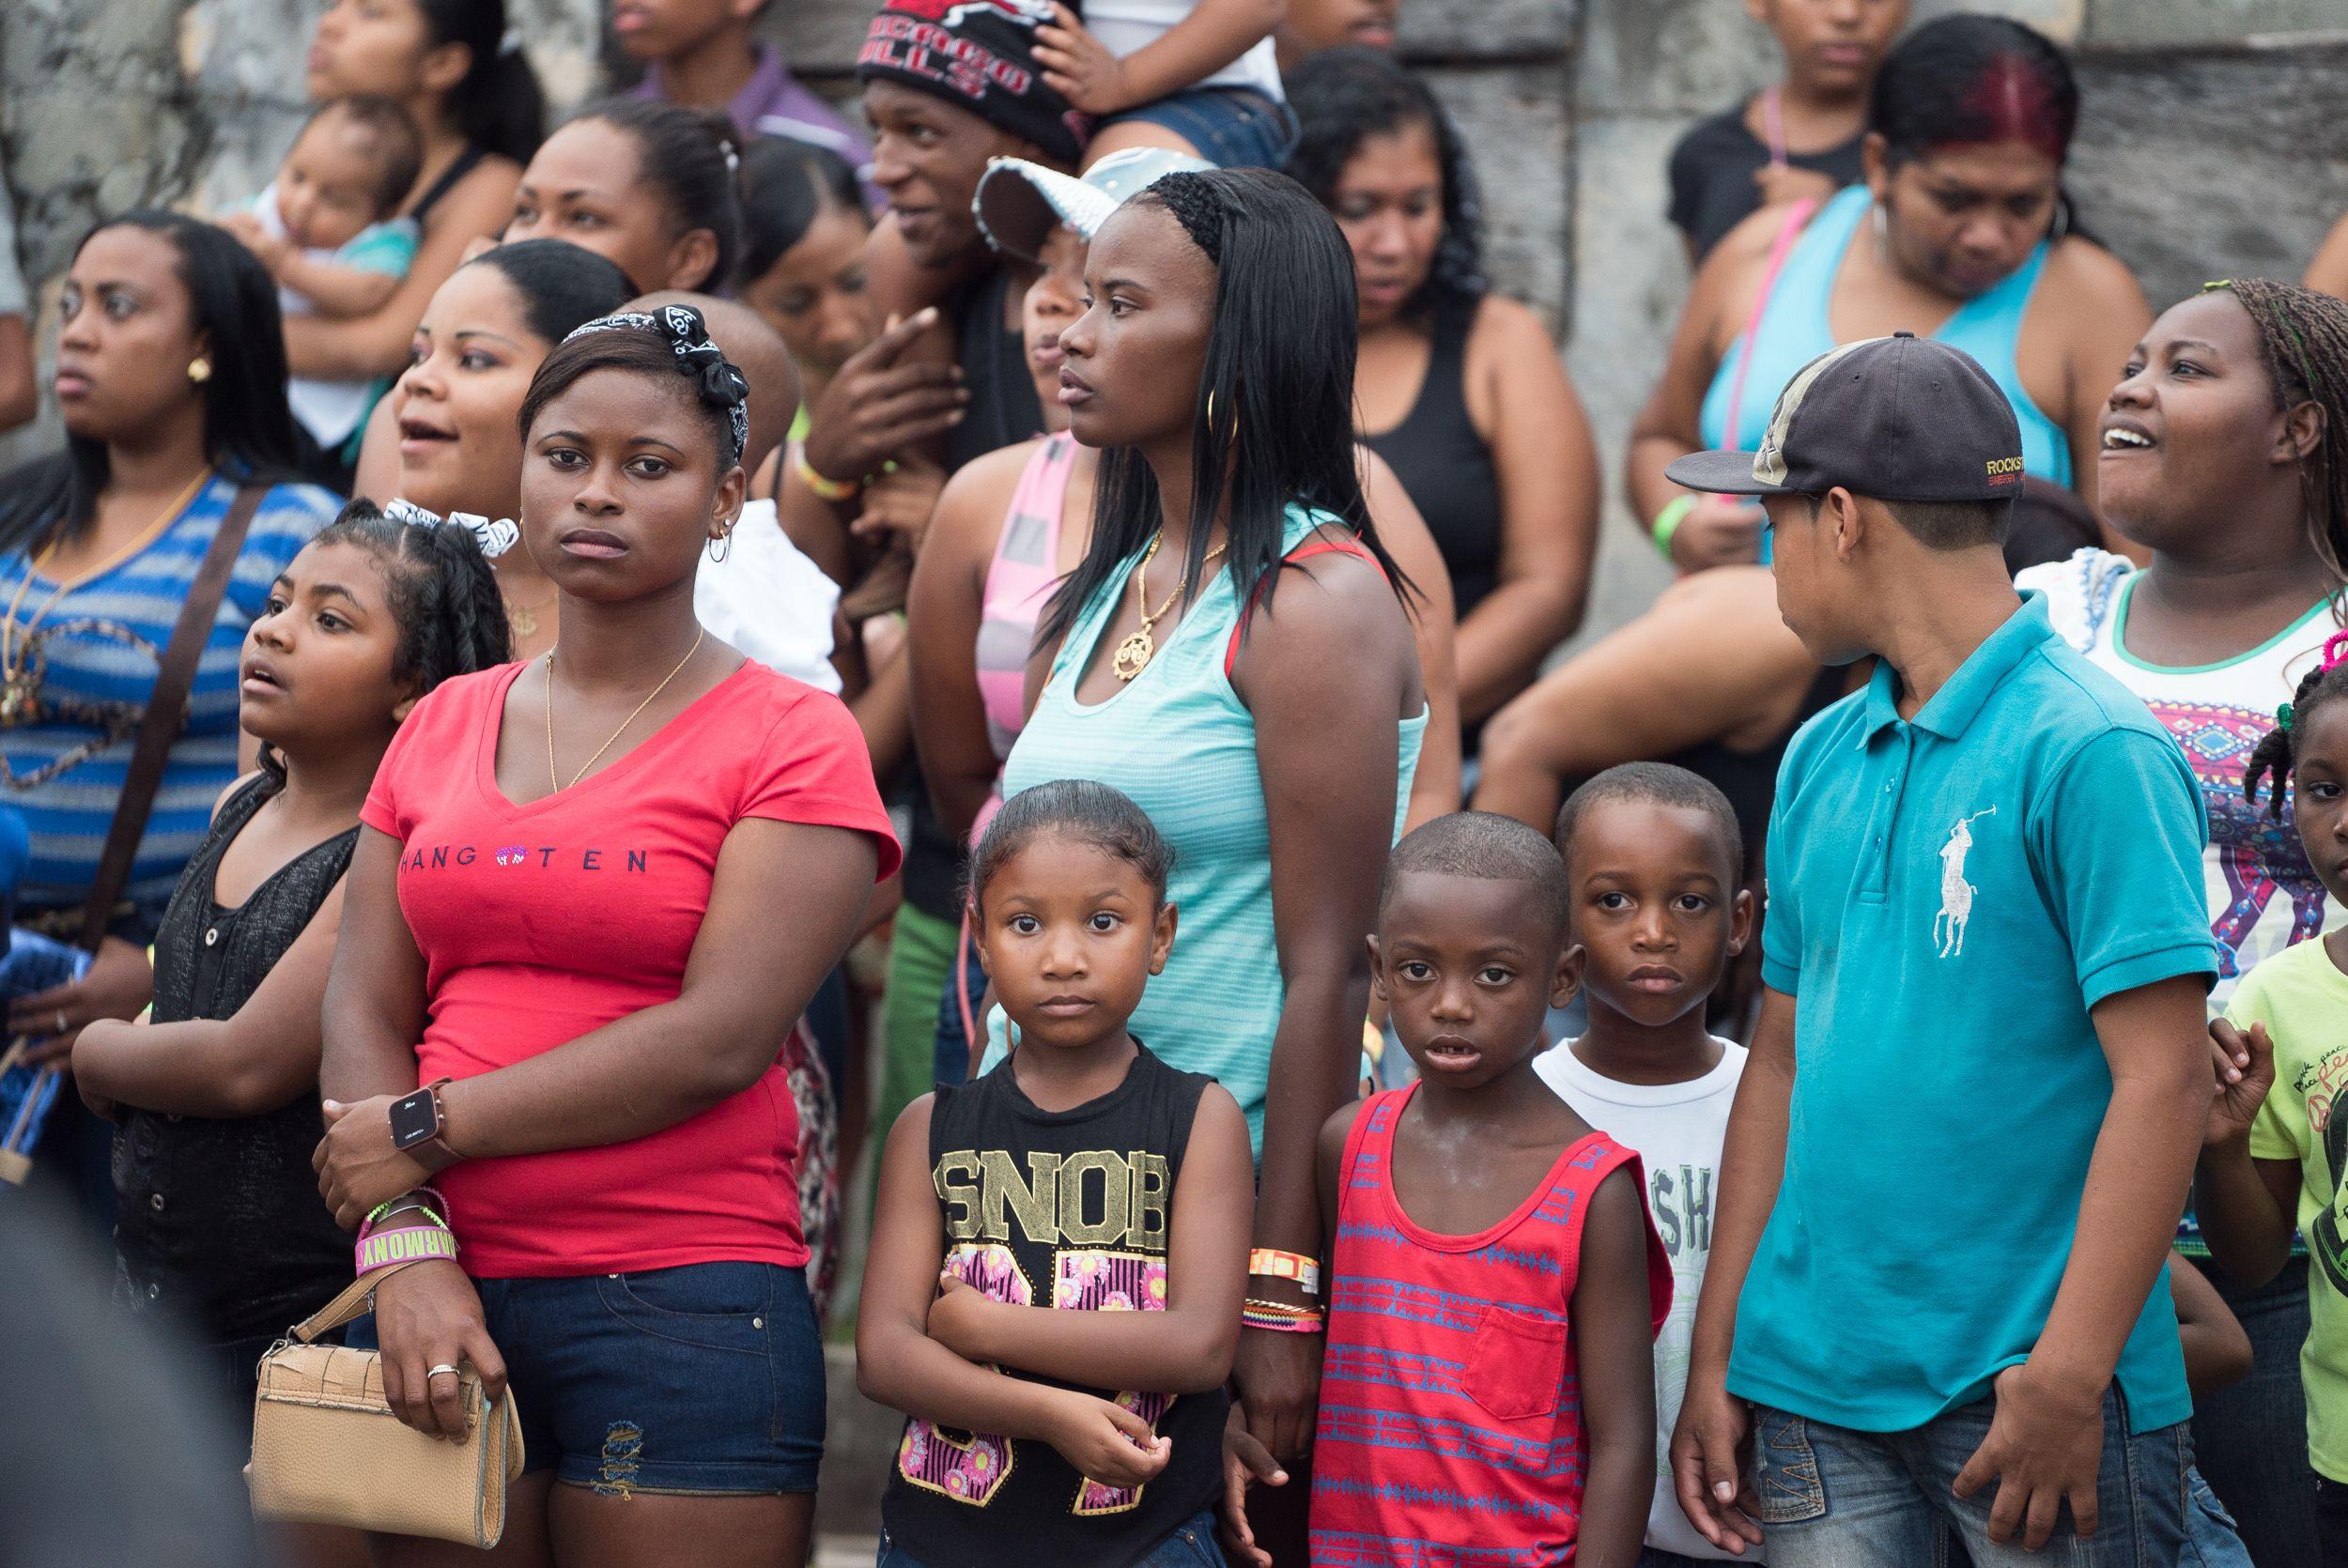 Bocas del Toro es una region mayoritariamente Afroamericana. Ocupan las zonas costeras en contraste con las indígenas que están mas inmersos en la selva.